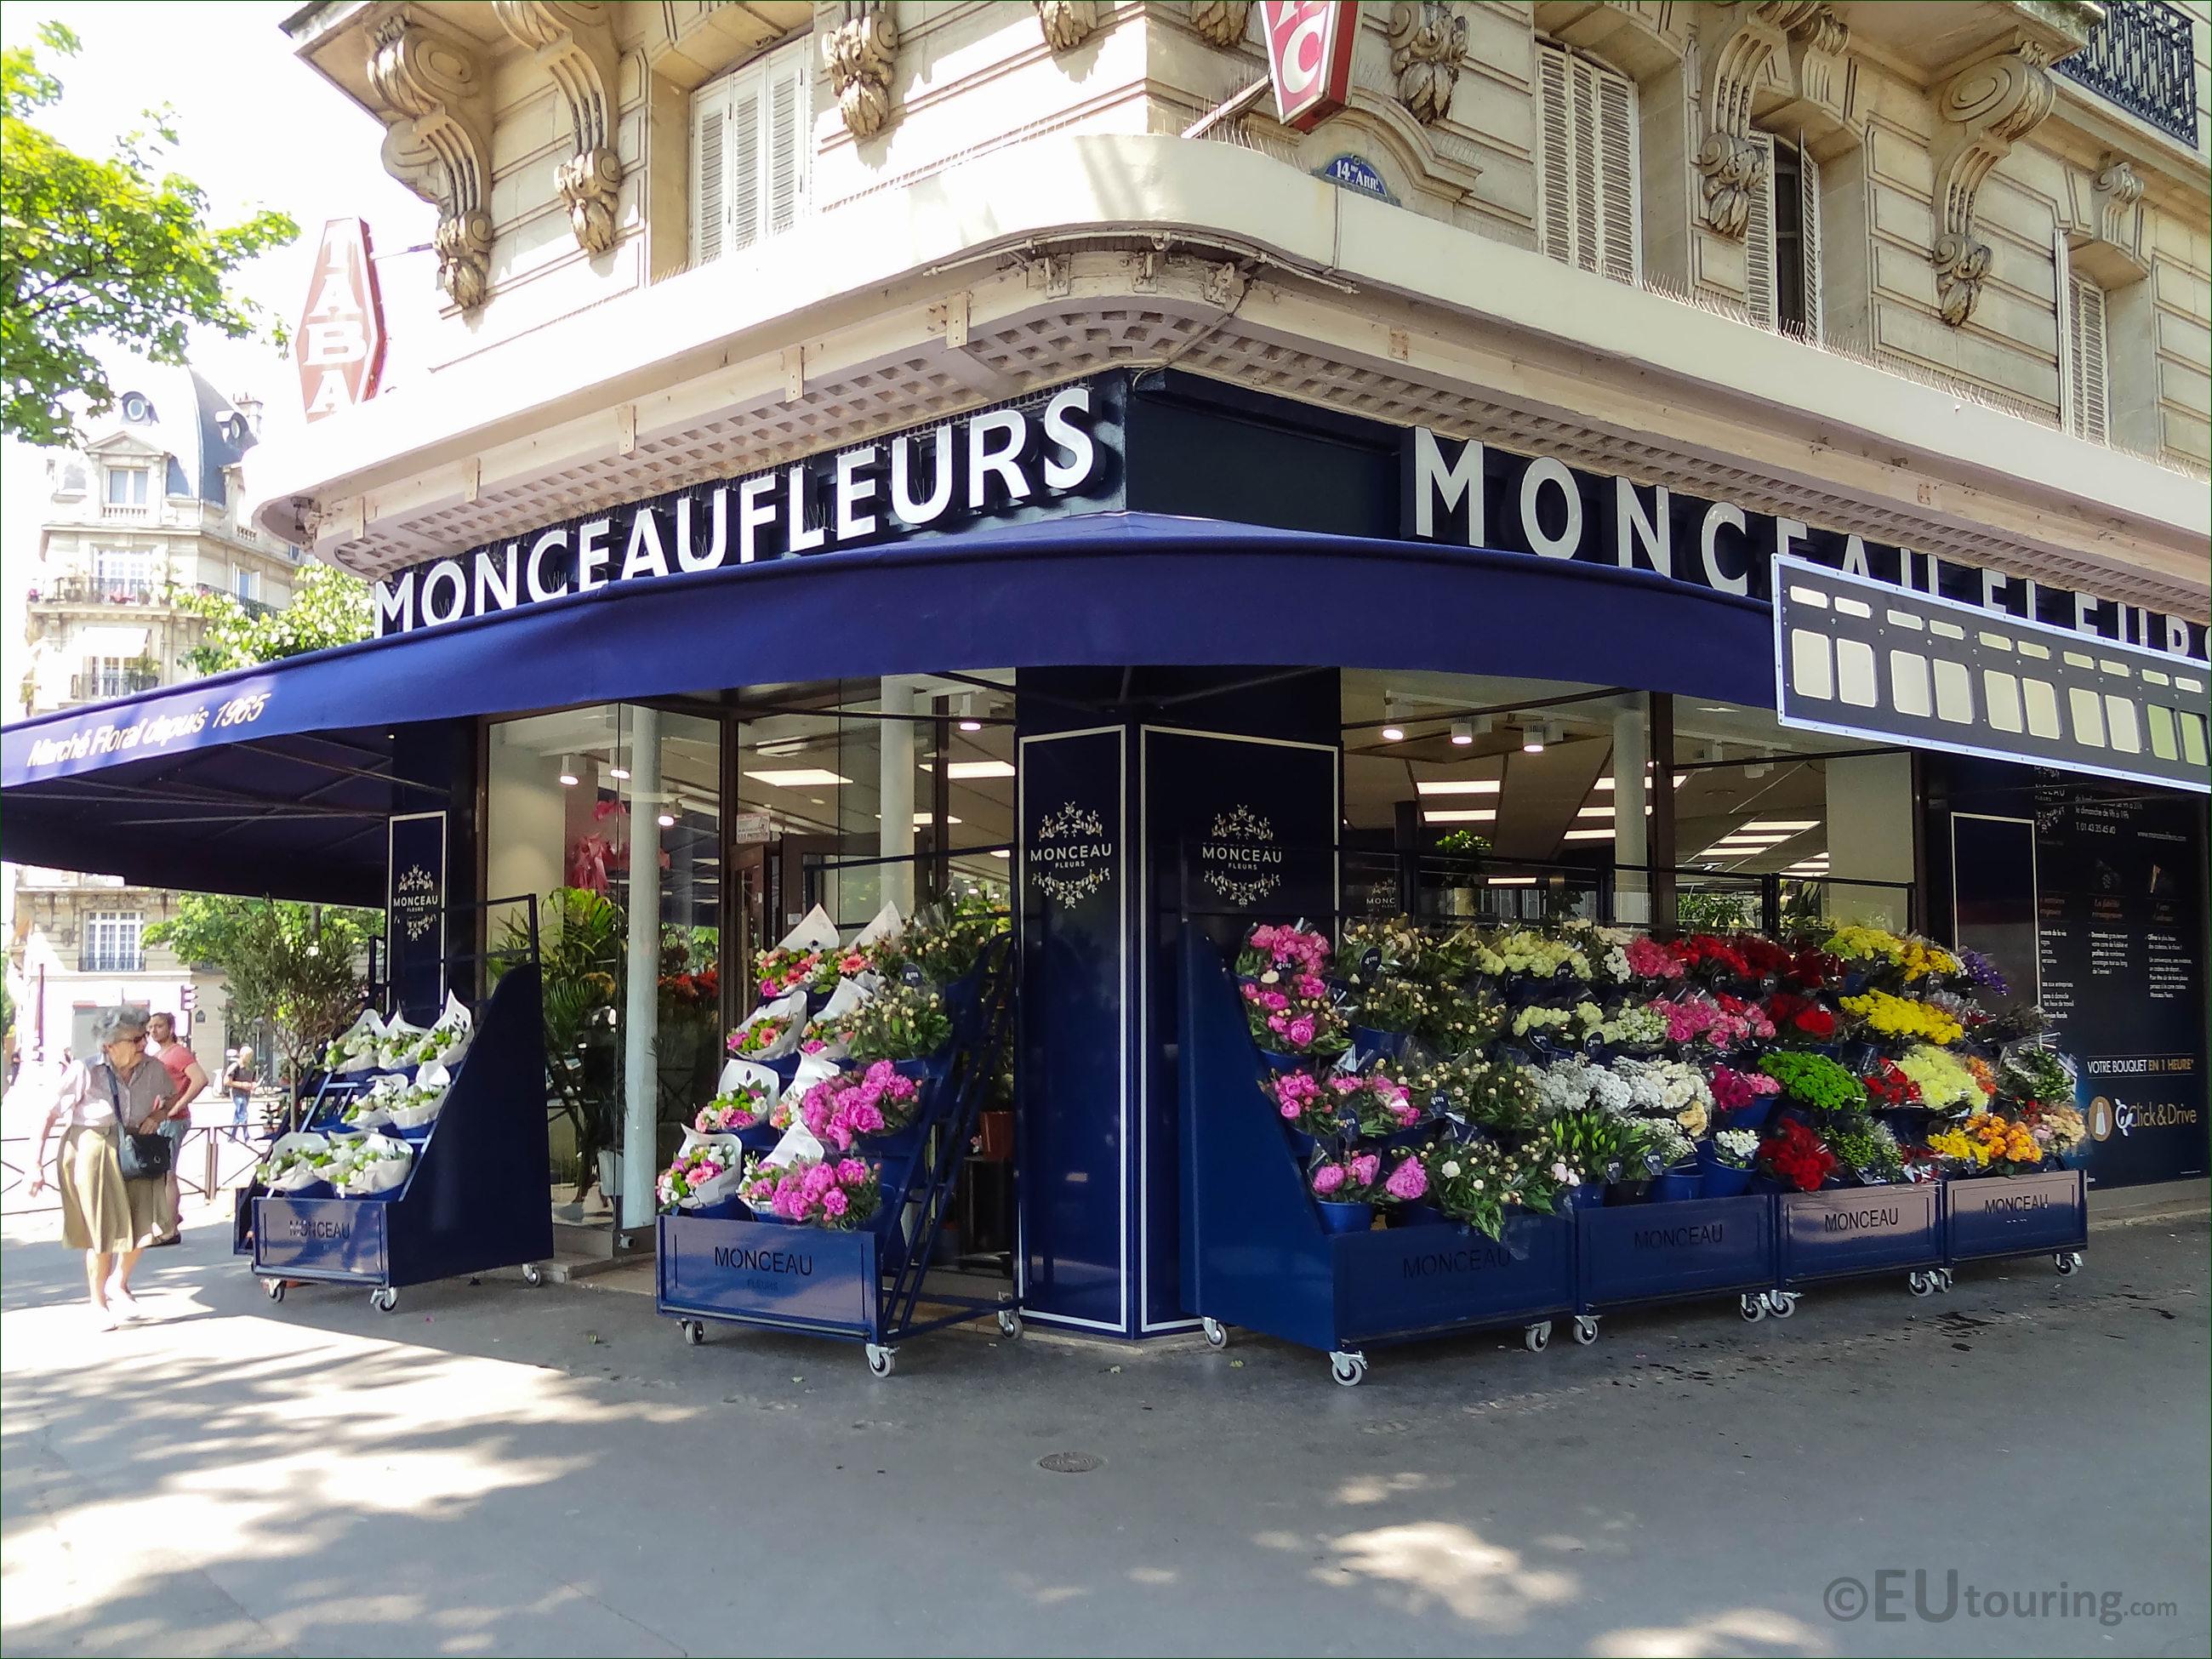 Monceau Fleurs florist on Avenue Denfert-Rochereau Paris - Page 217